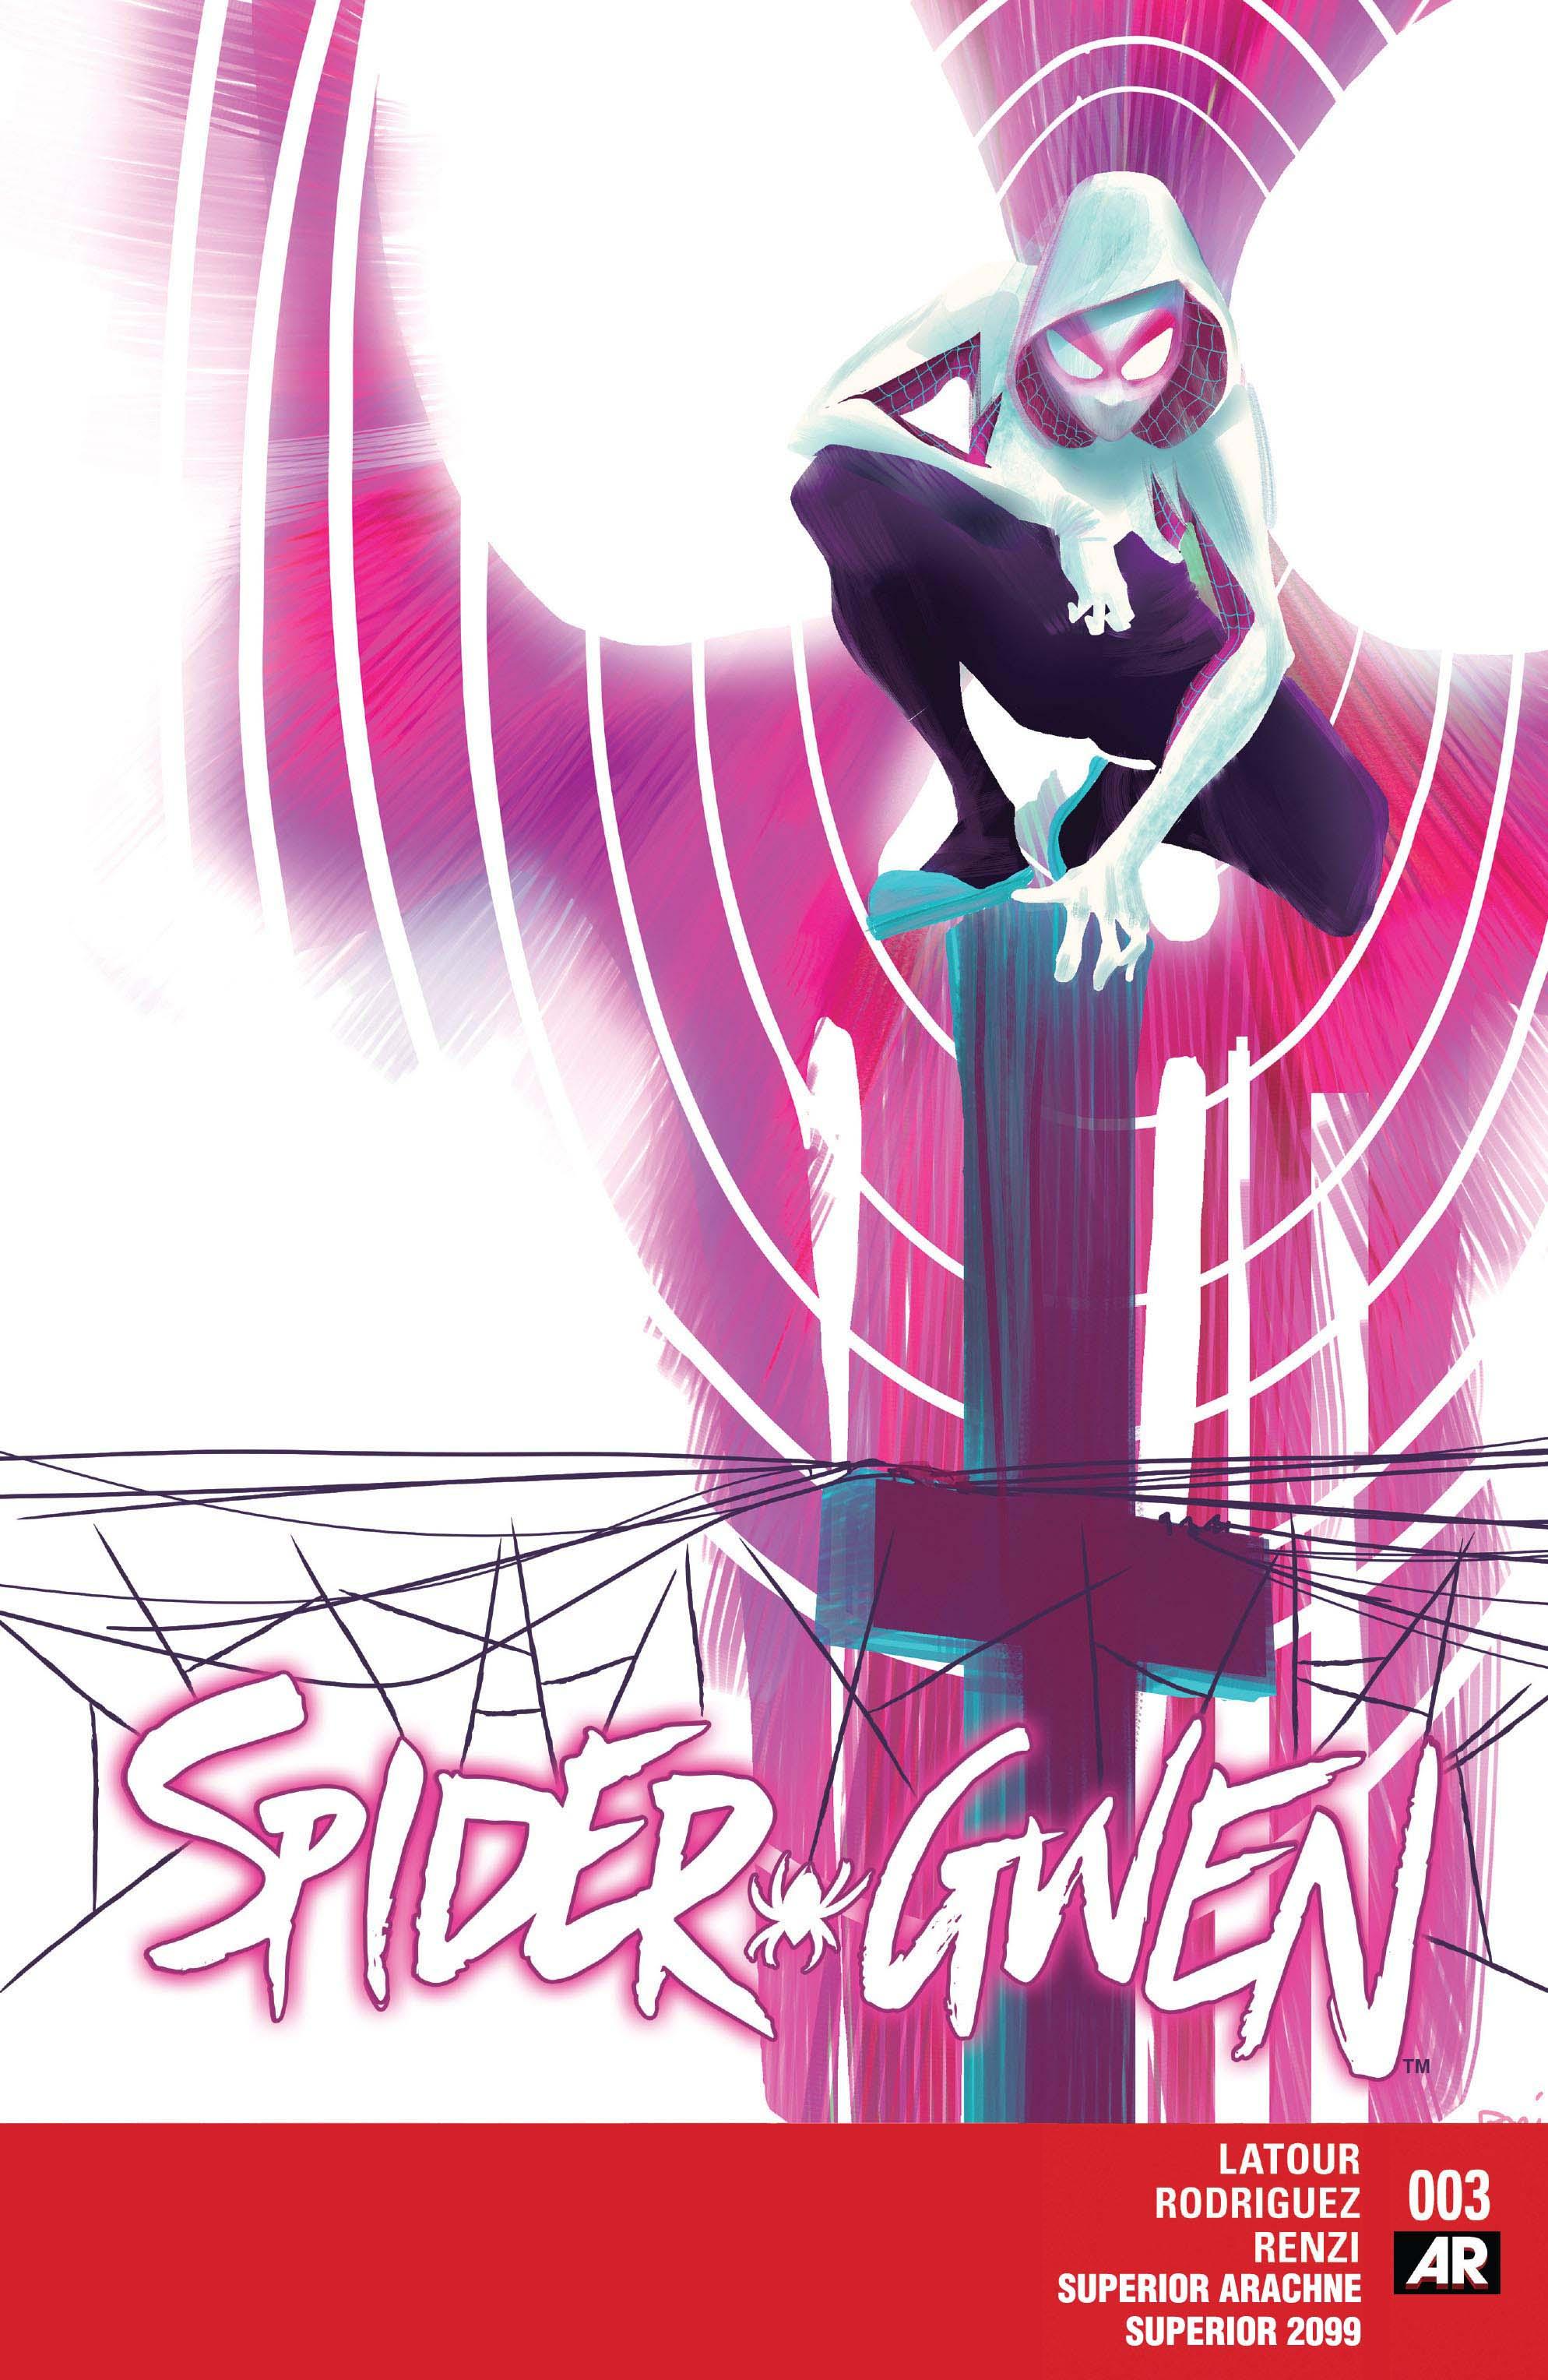 Spder Gwen - vol .003